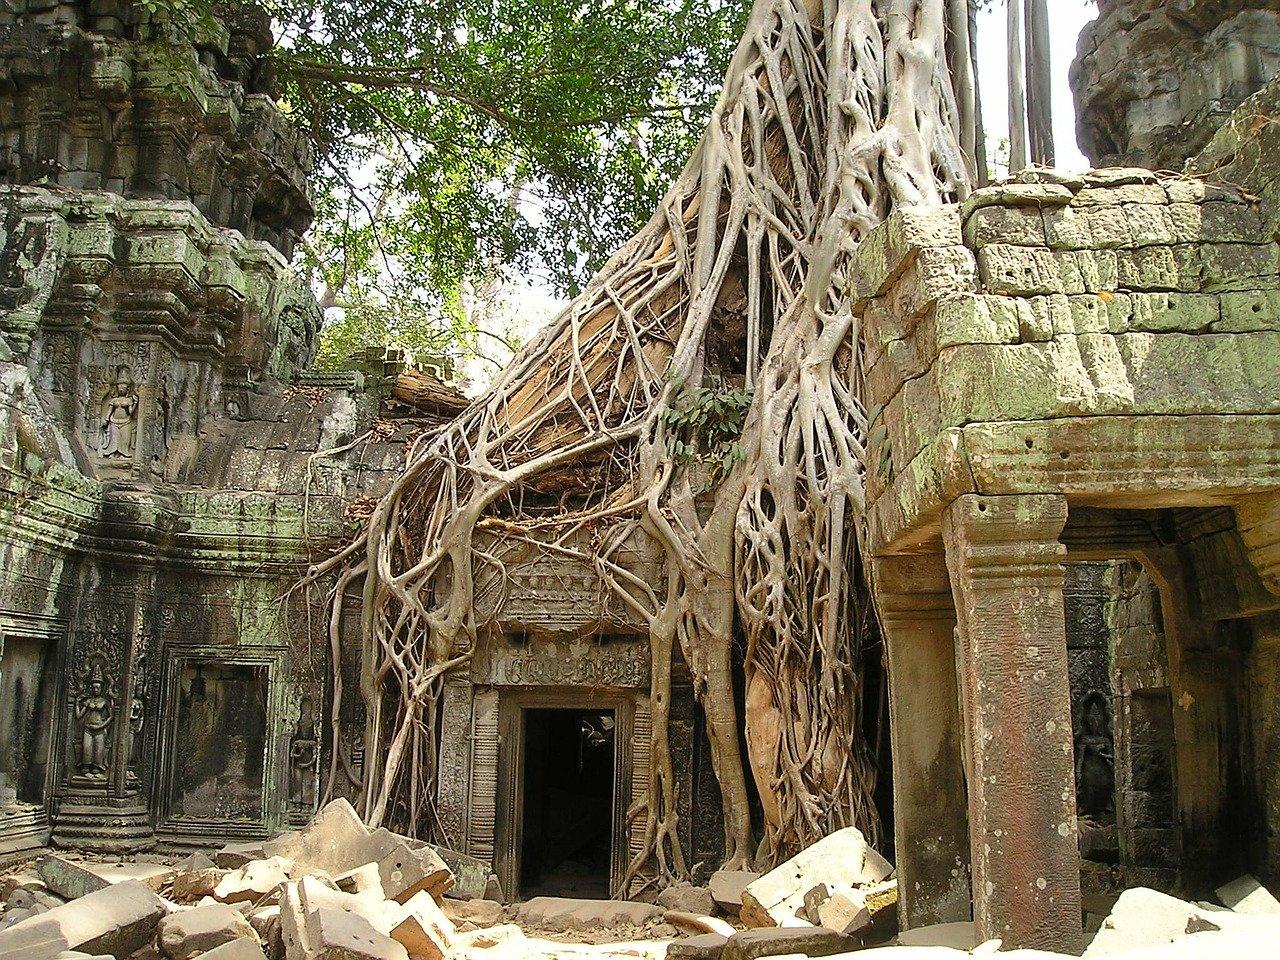 cambogia cosa vedere in 3 giorni